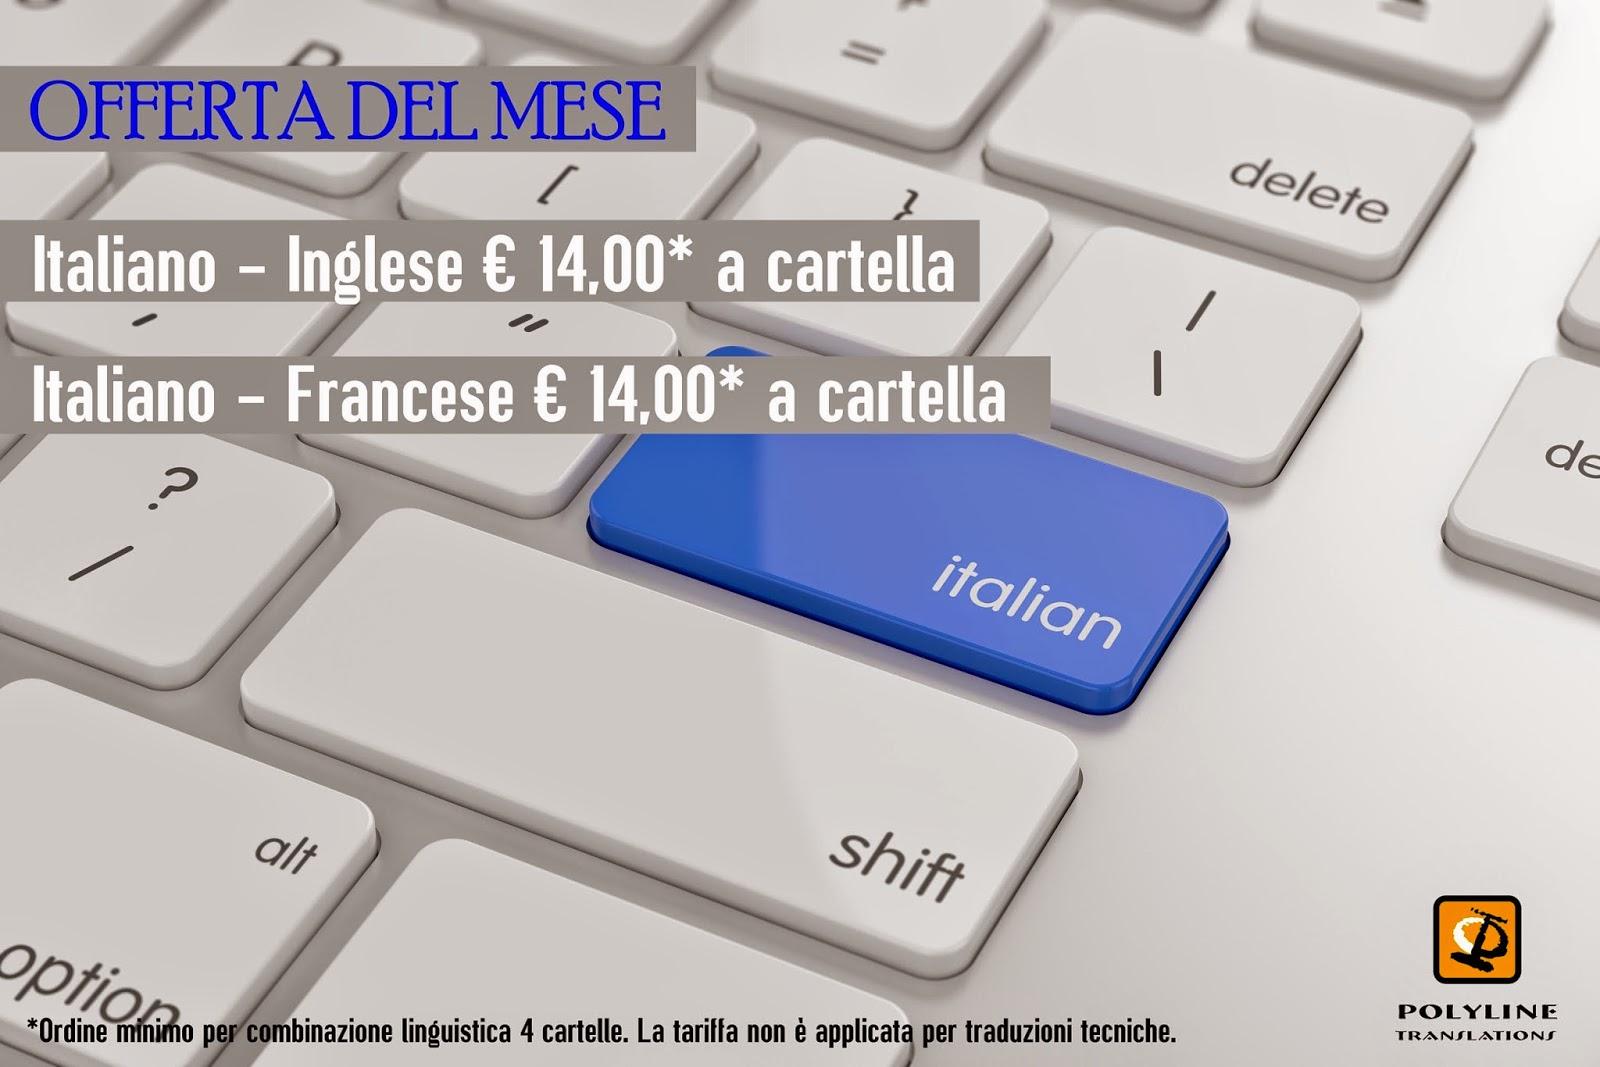 Offerta del mese italiano inglese e italiano francese for Casa prefabbricata offerta del mese